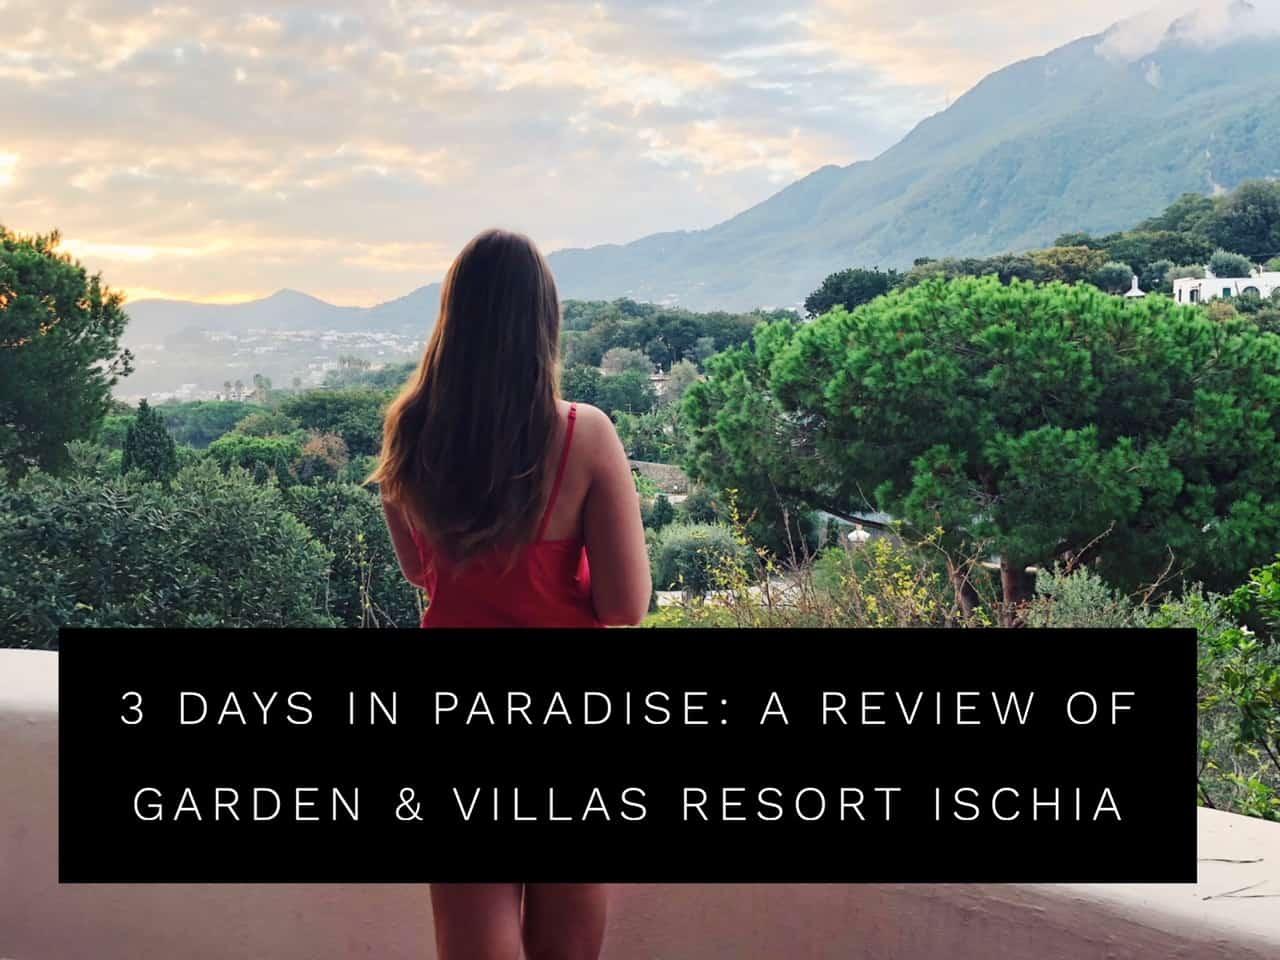 Review of Garden and Villas Resort Ischia